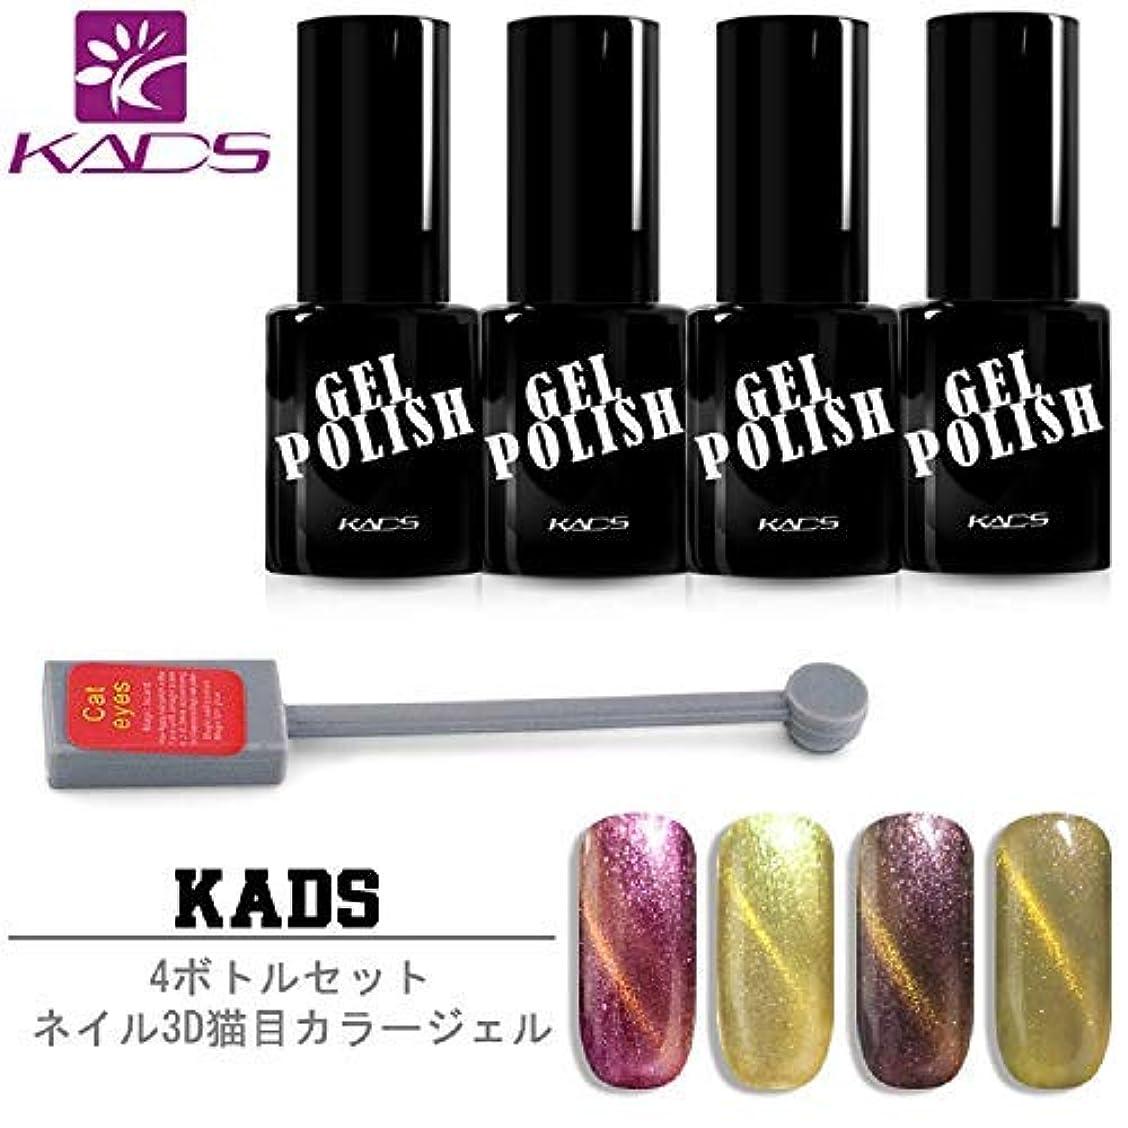 カップルくさび崩壊KADS キャッツアイジェル ジェルネイルカラーポリッシュ 4色セット ゴールドなど 猫目 UV/LED対応 マグネット 磁石付き マニキュアセット (セット5)